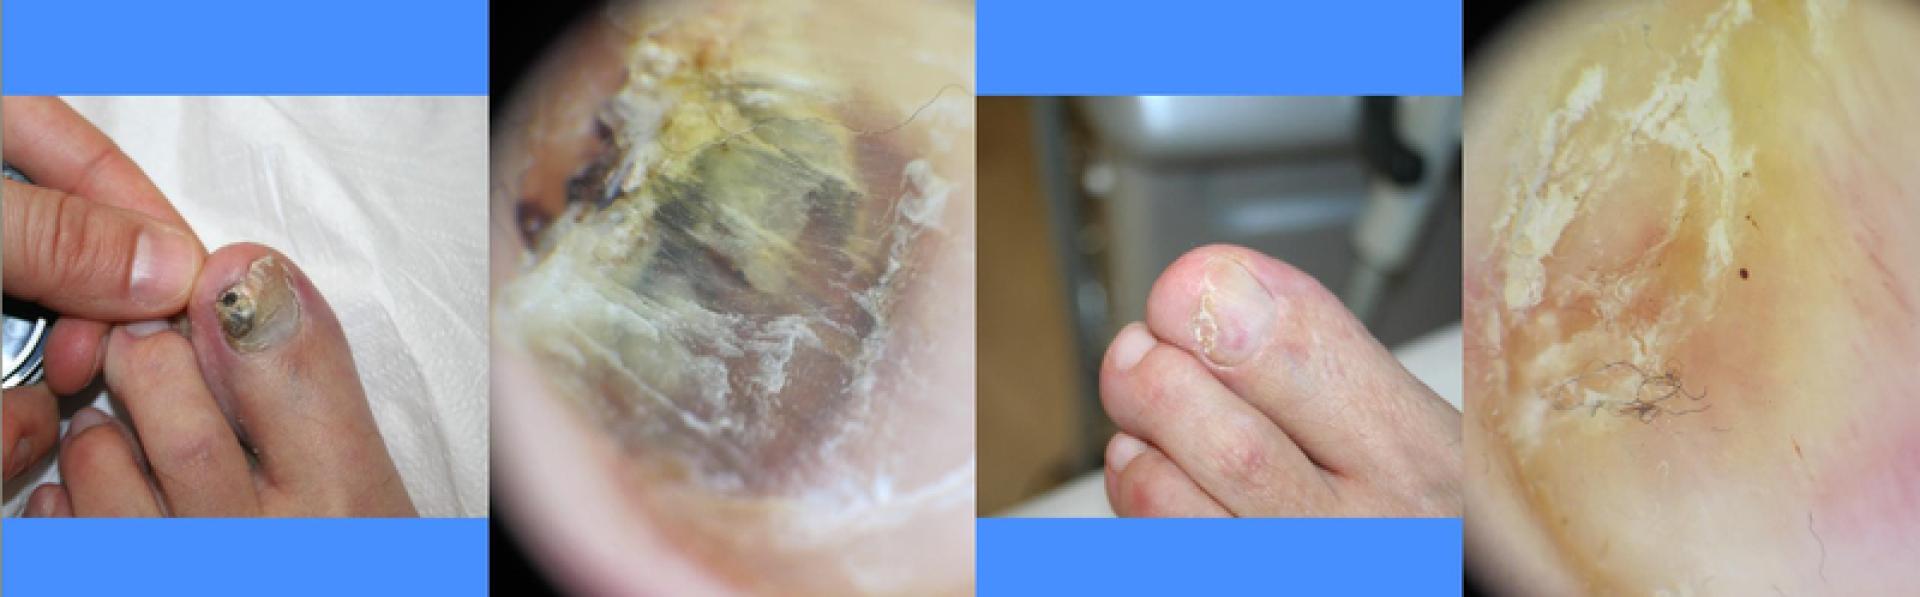 Come guarire un fungo tra risposte di dita del piede